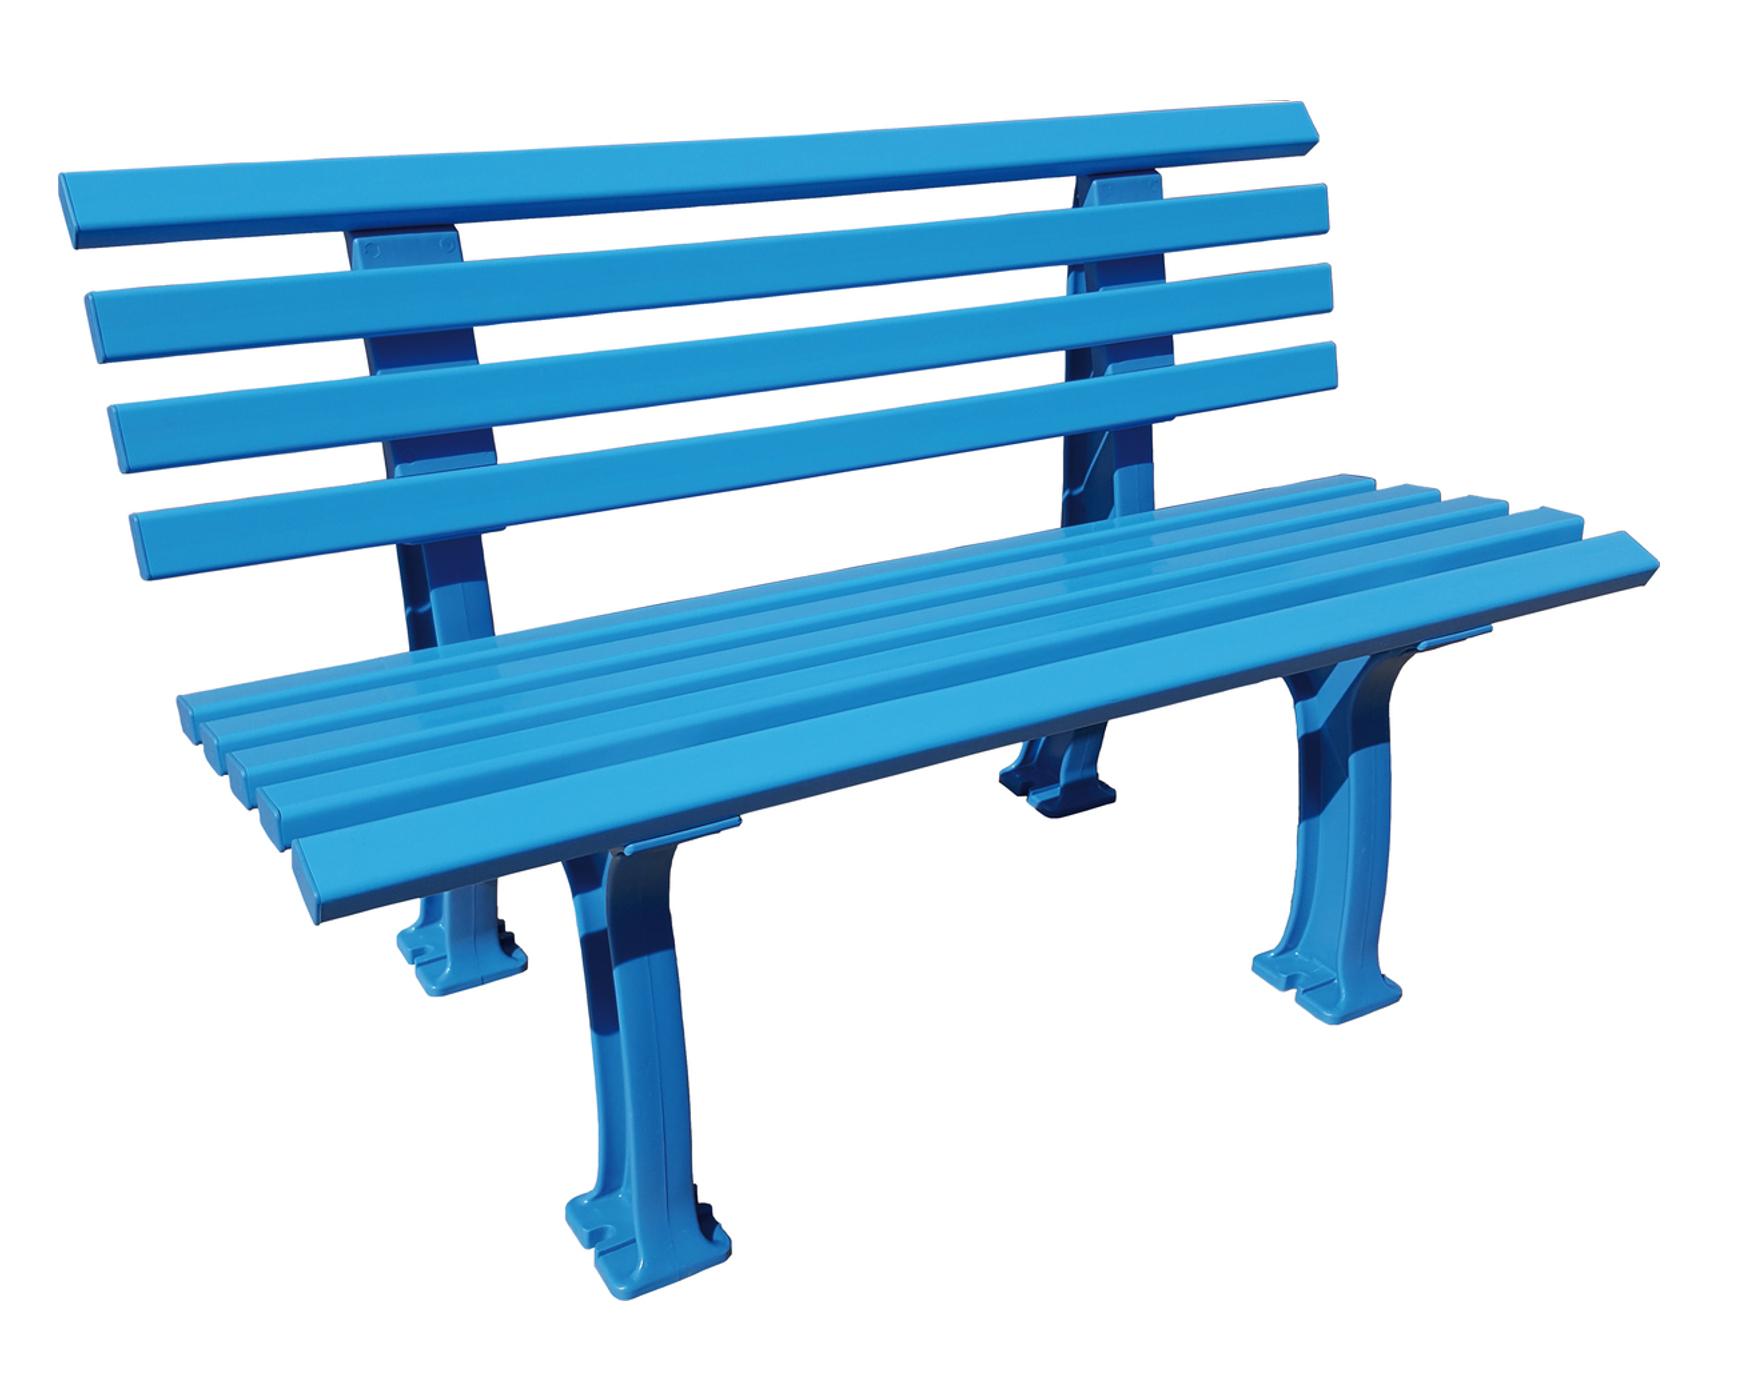 gartenbank blome ibiza color edition sitzbank kunststoff 120 cm breit blau ebay. Black Bedroom Furniture Sets. Home Design Ideas